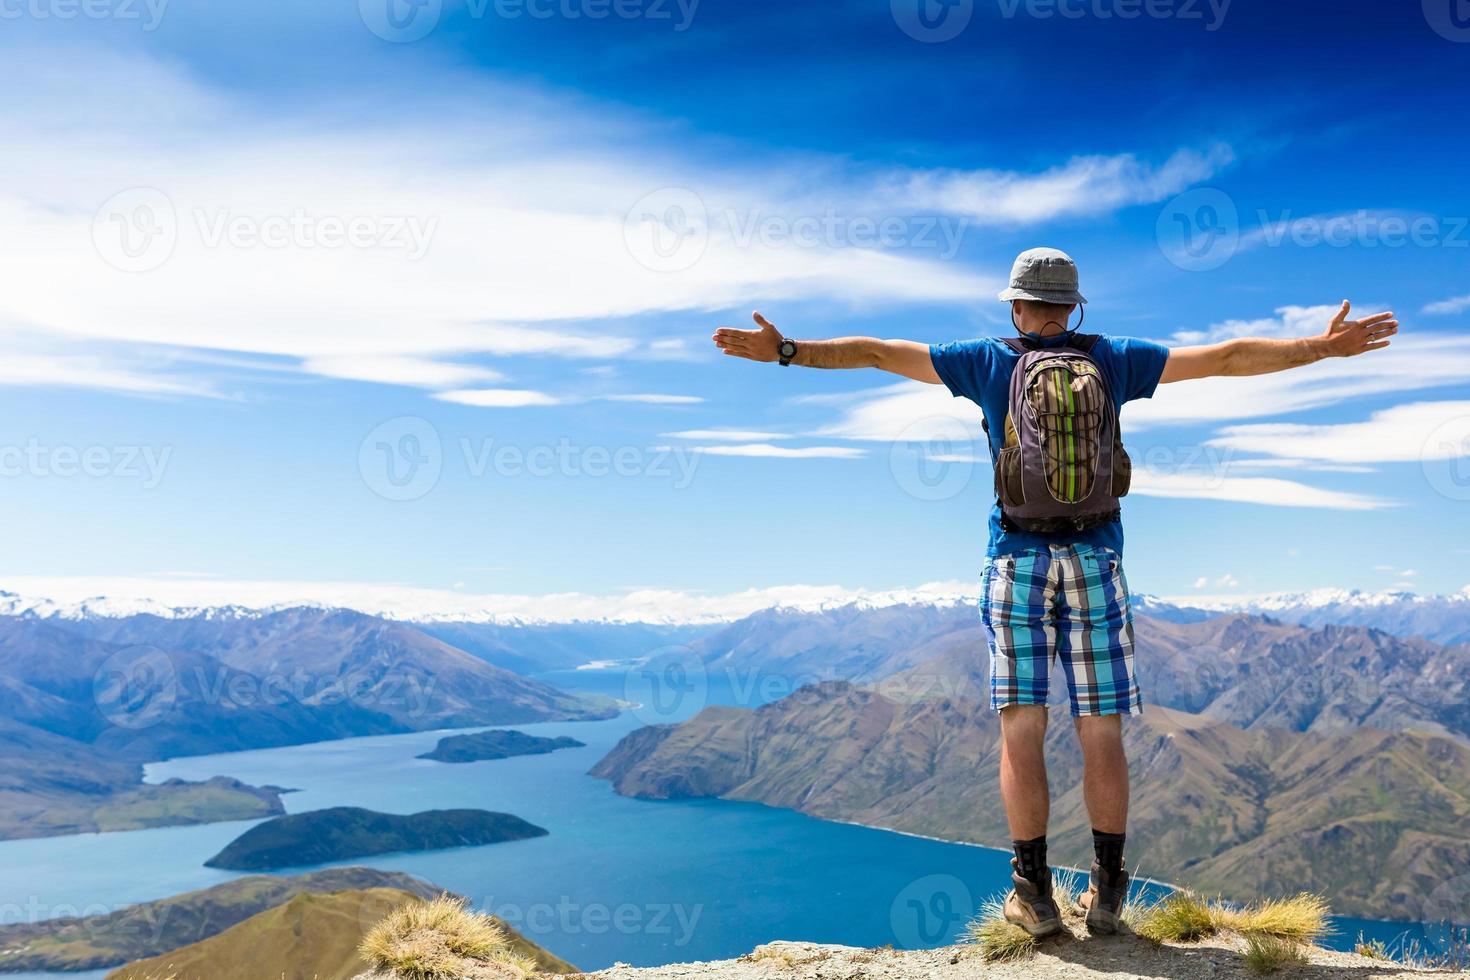 alpinista no topo de uma rocha, aproveite o dia ensolarado foto